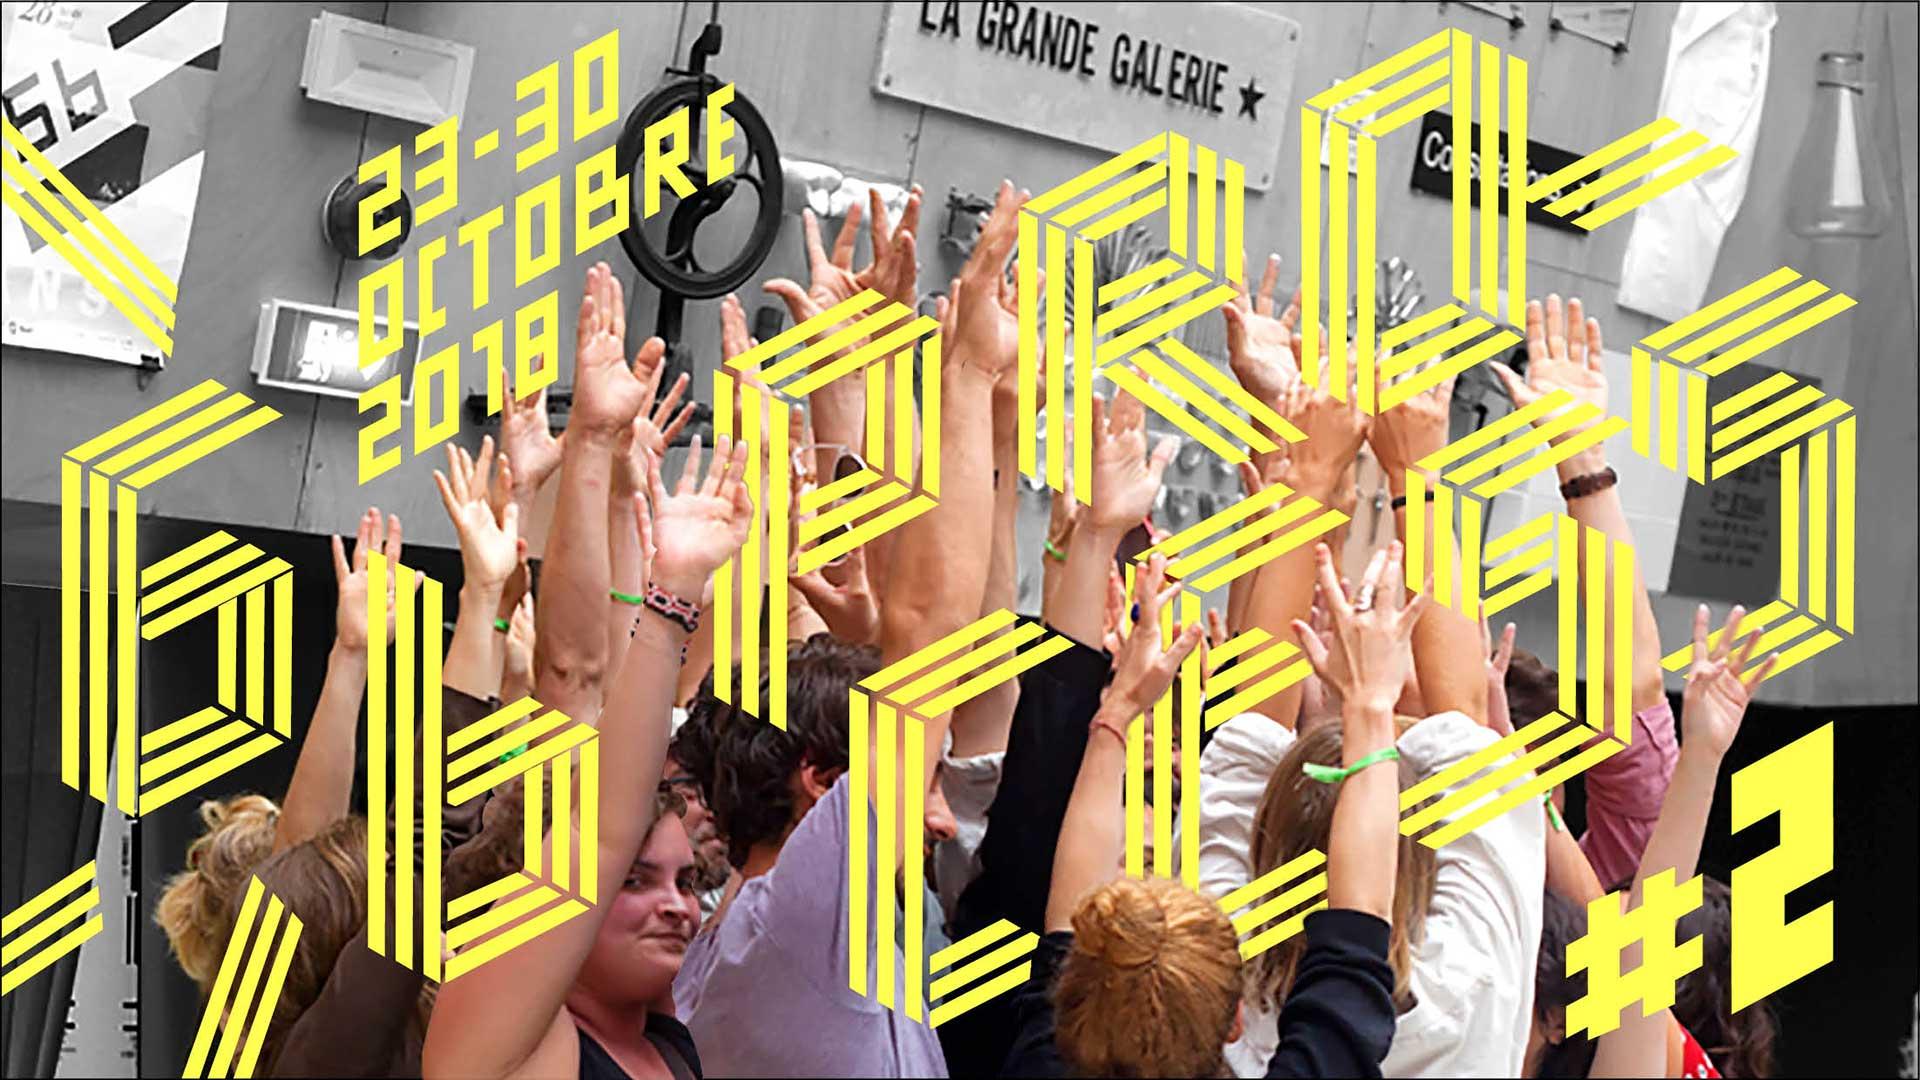 6b PROCESS #2 ● Cycle de réflexions participatives sur l'avenir du 6b @ Le 6b | Saint-Denis | Île-de-France | France